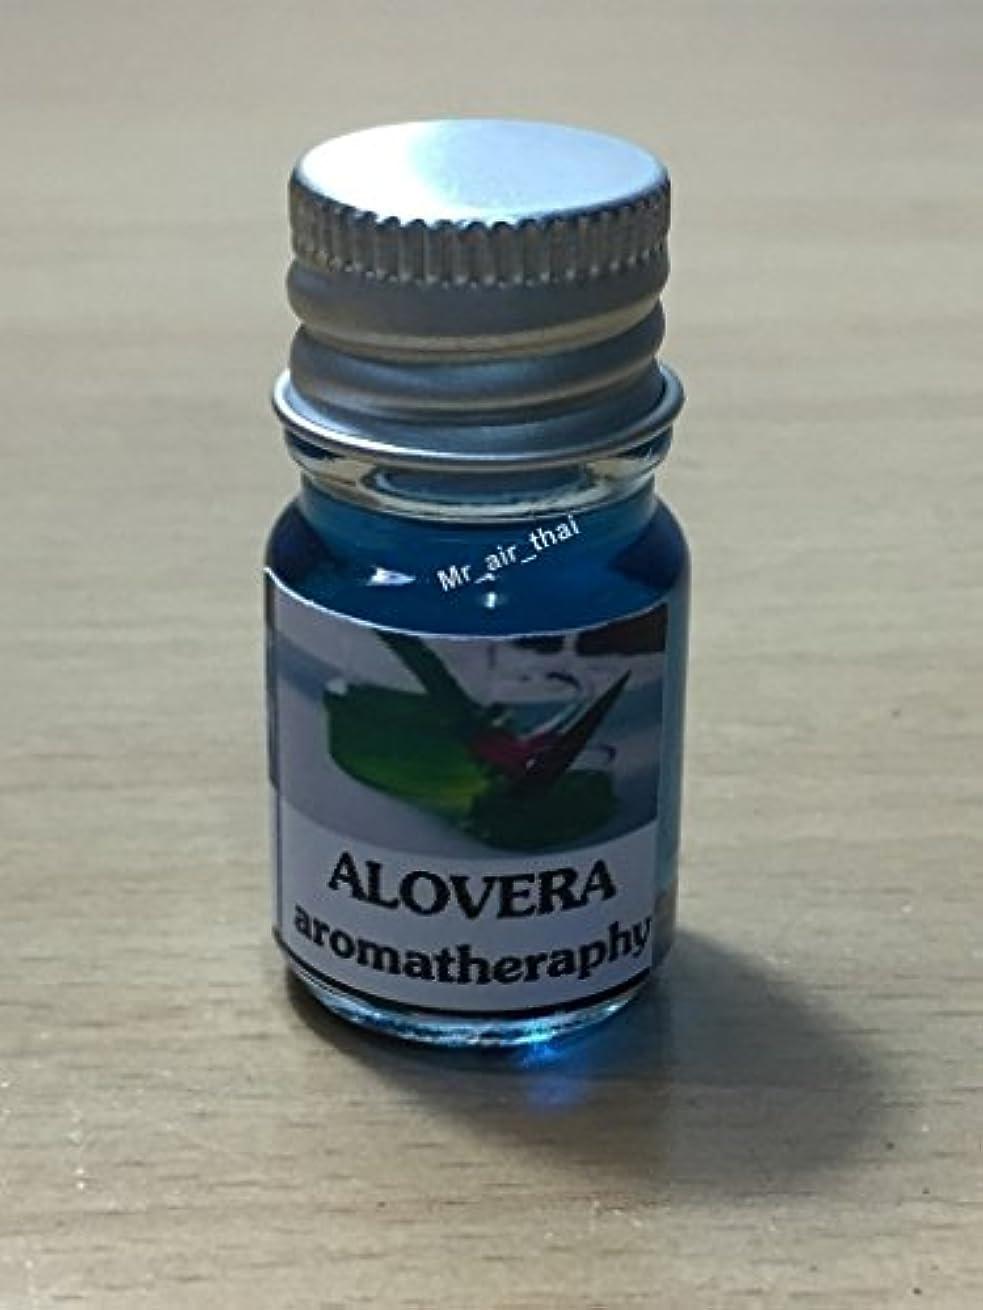 知覚する子供時代交通渋滞5ミリリットルアロマアロエフランクインセンスエッセンシャルオイルボトルアロマテラピーオイル自然自然5ml Aroma Alovera Frankincense Essential Oil Bottles Aromatherapy...